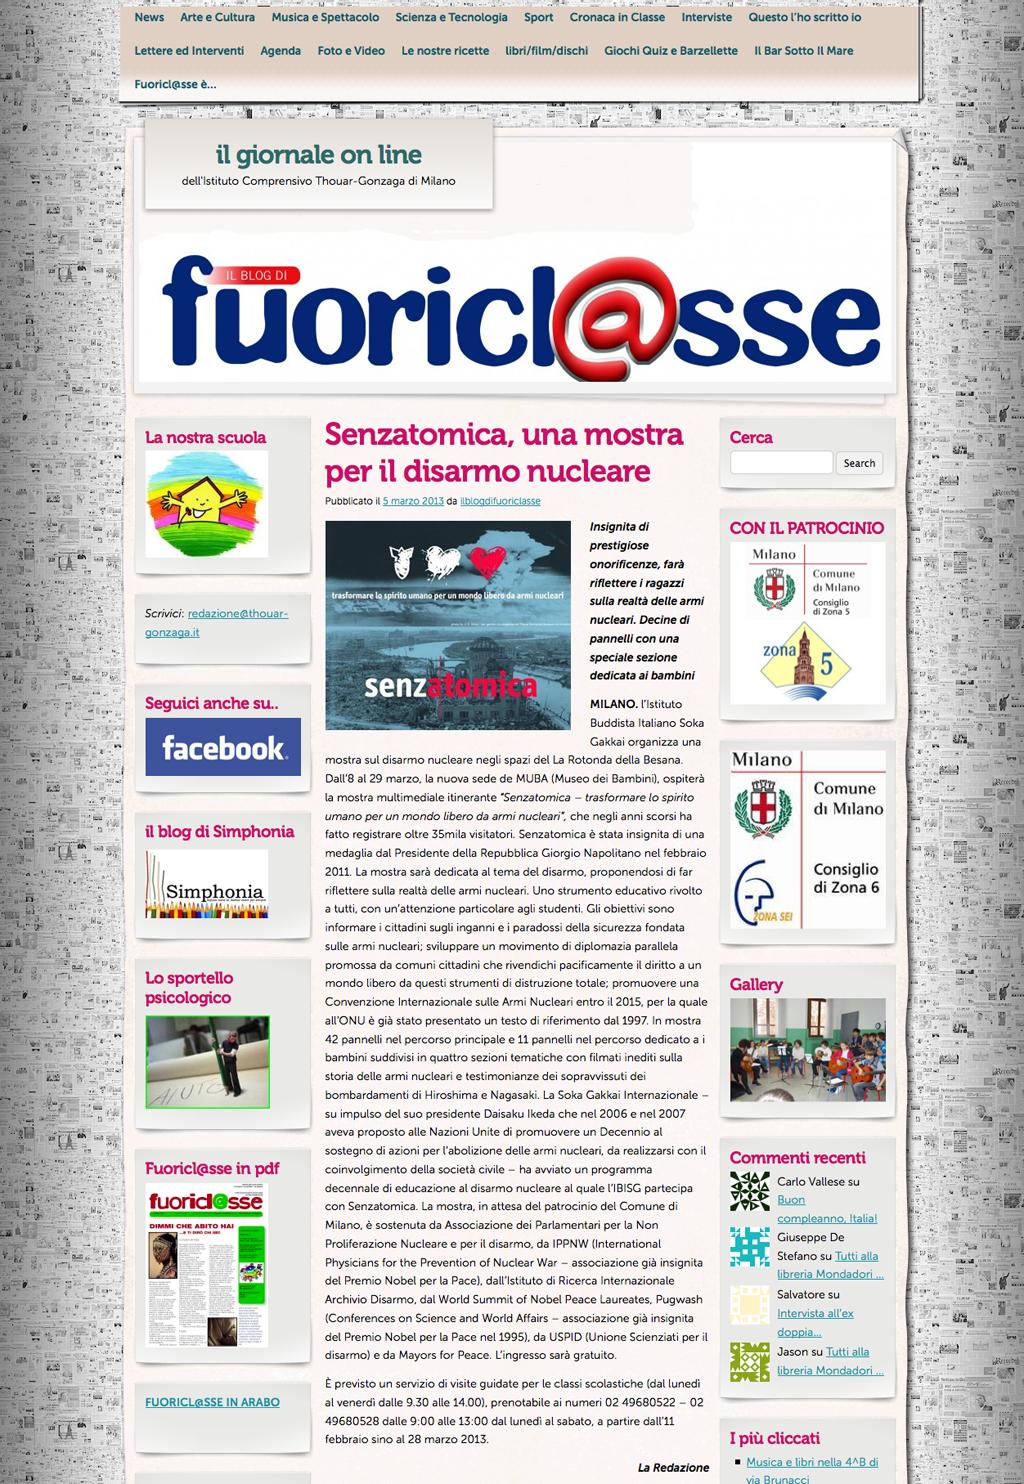 2013-02-05 Il Blog di Fuoriclasse